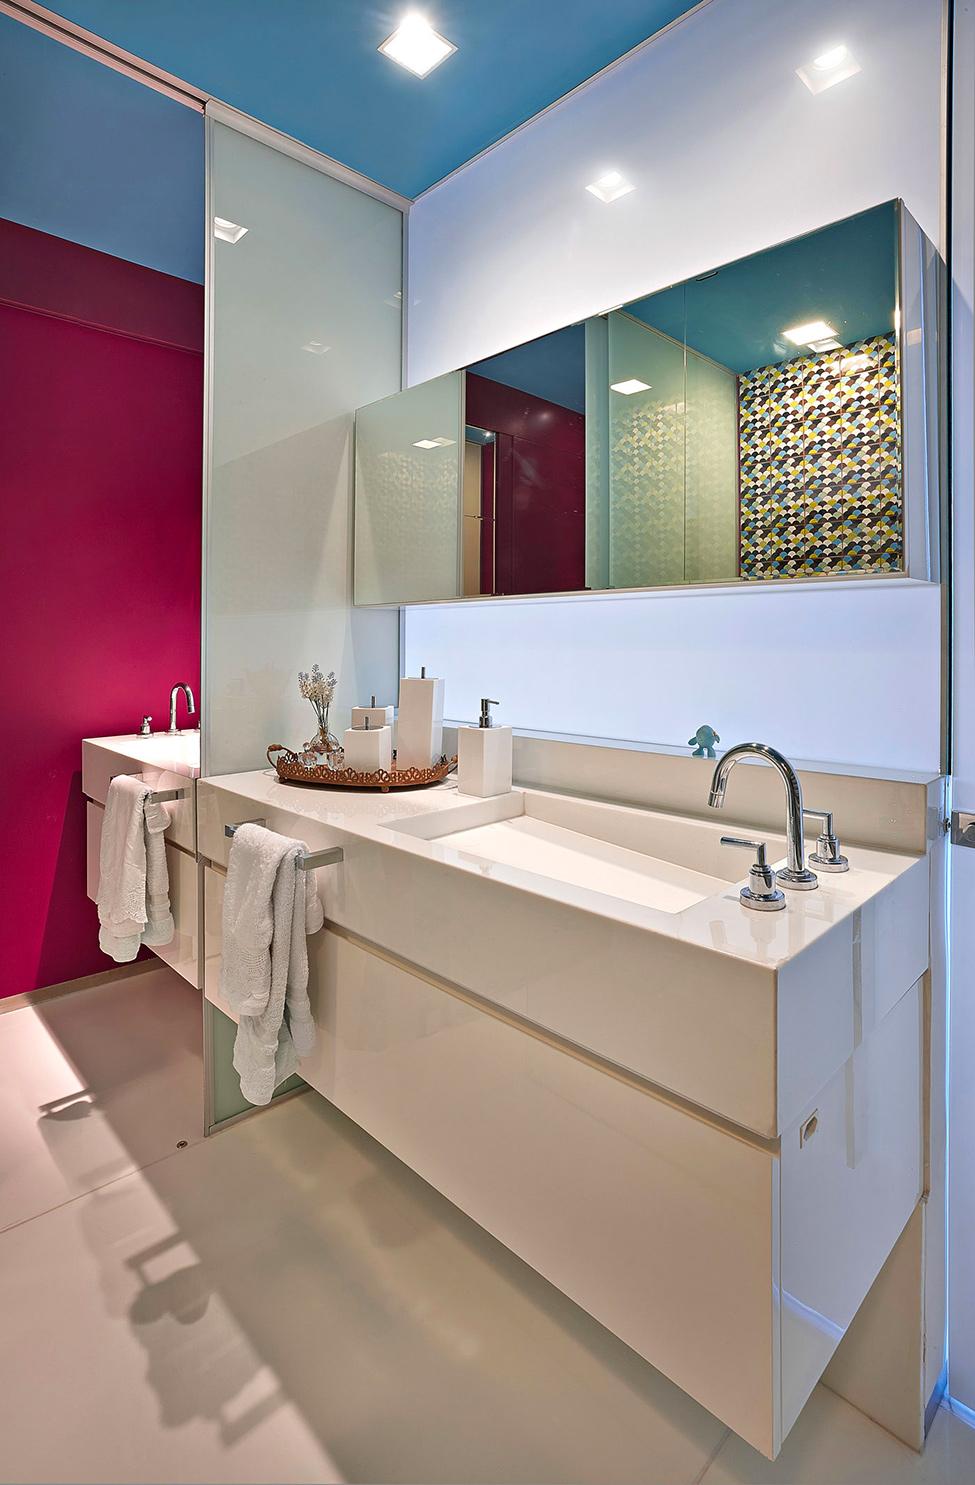 apartament-v-braziliq-pokazva-neveroqten-miks-ot-tsvetove-i-teksturi-914g